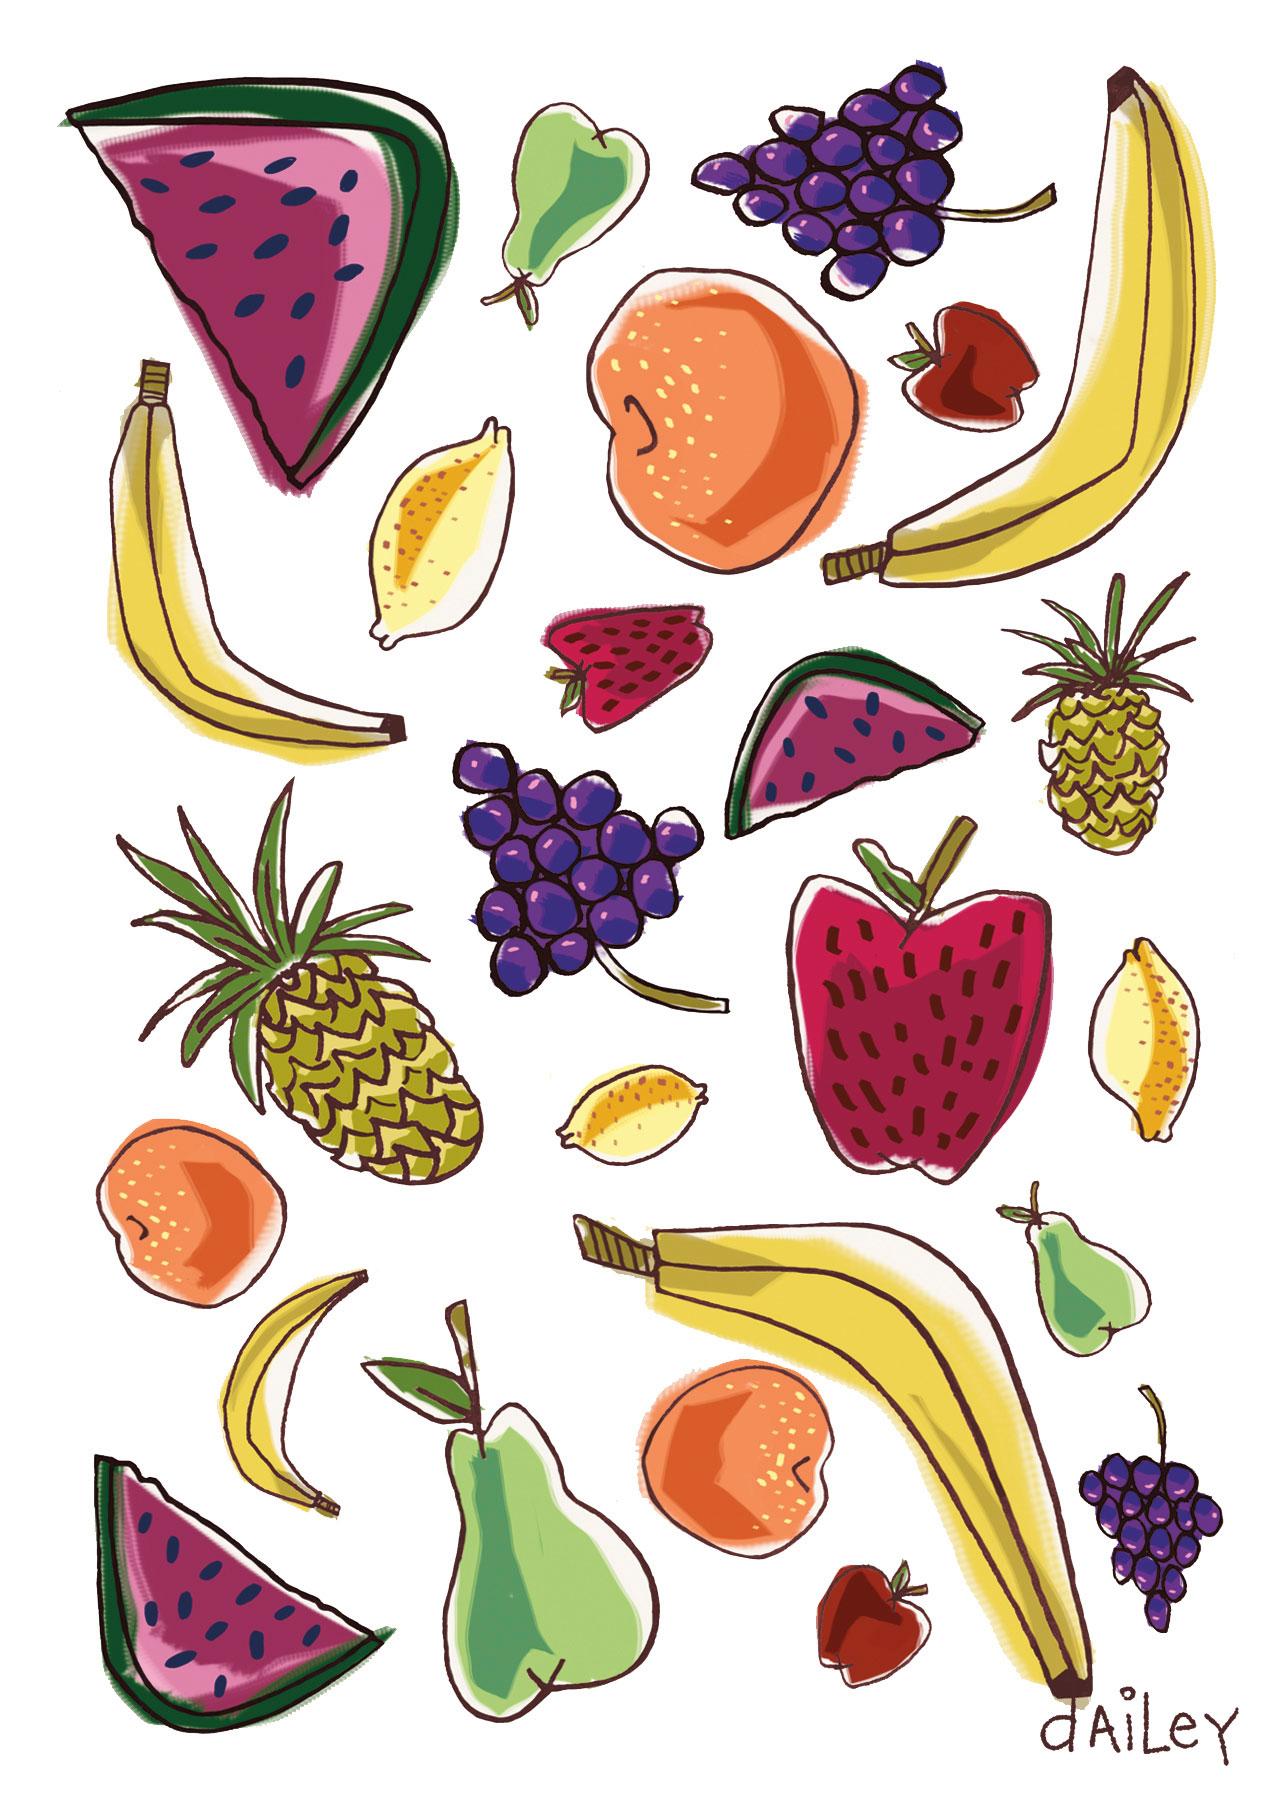 Fruit_CaitlynDailey.jpg